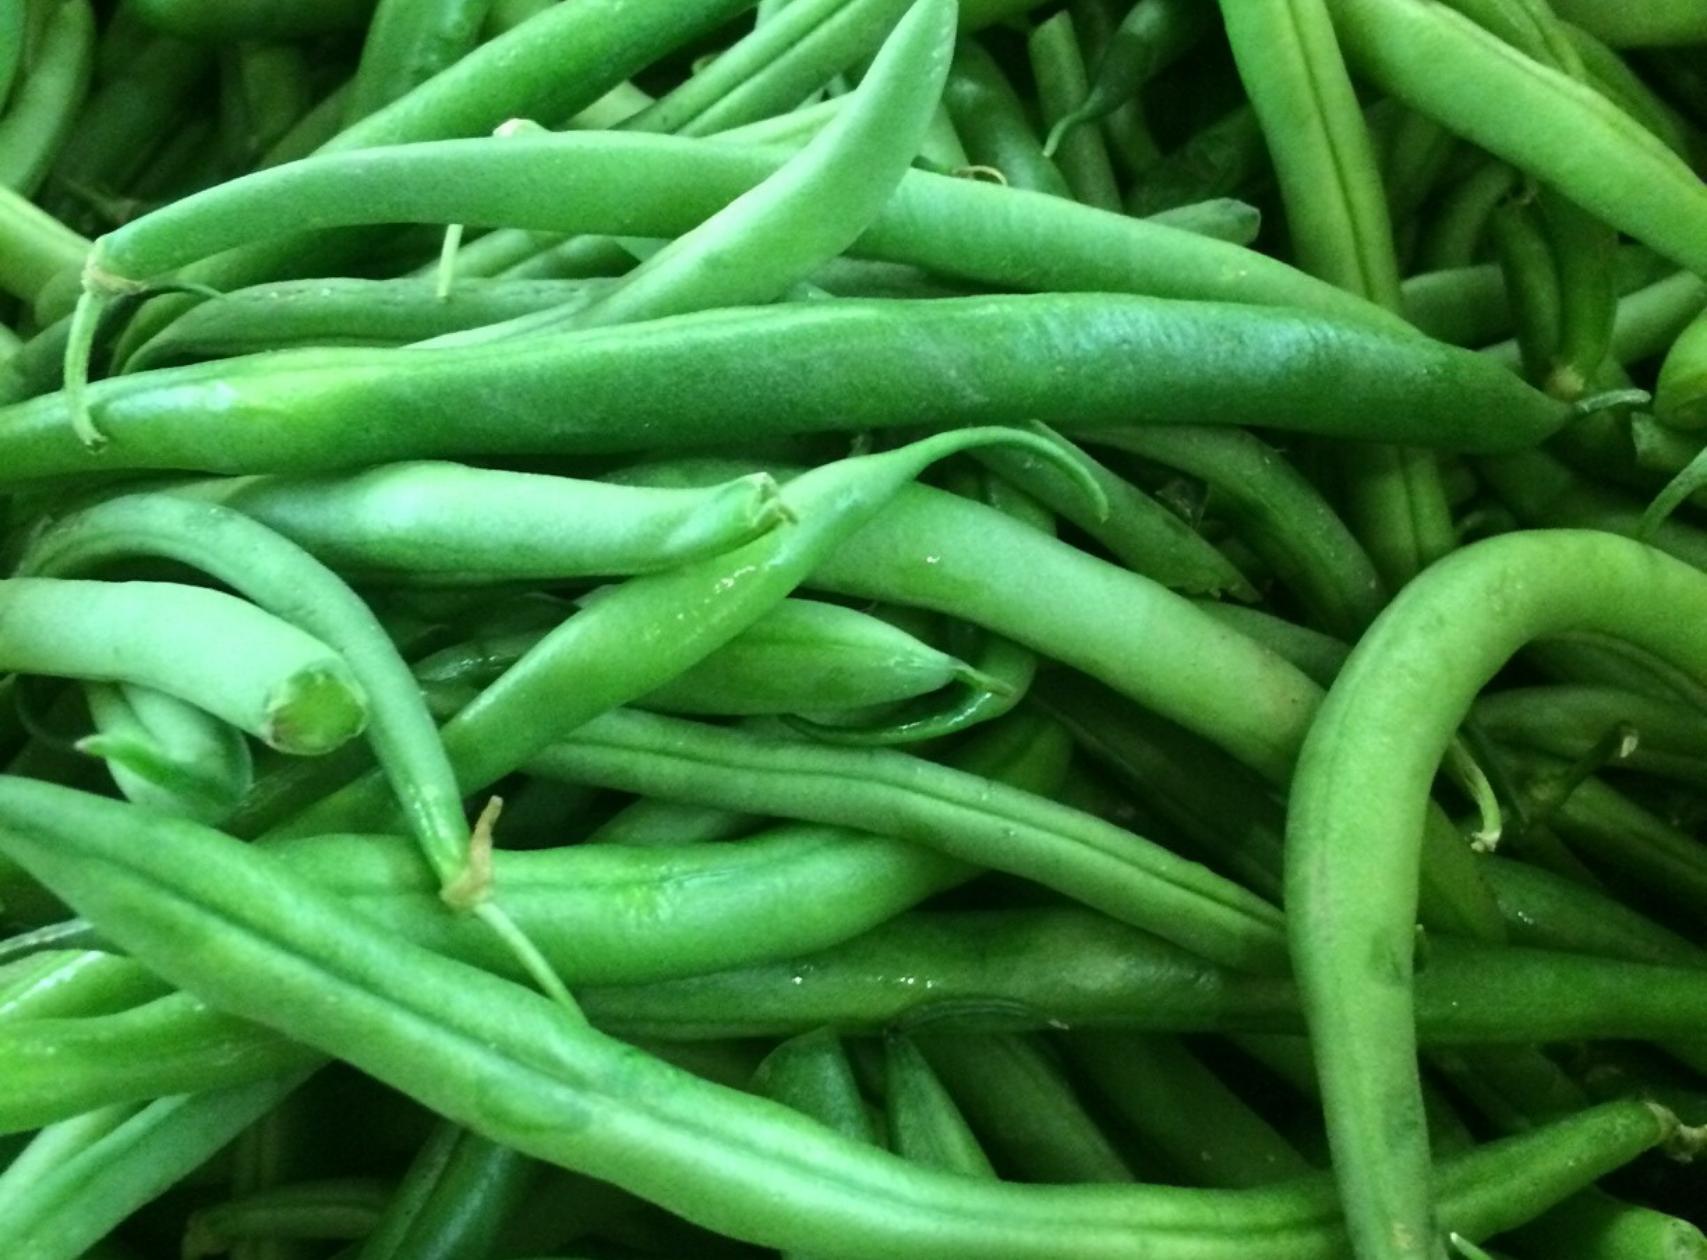 Homegrown green beans